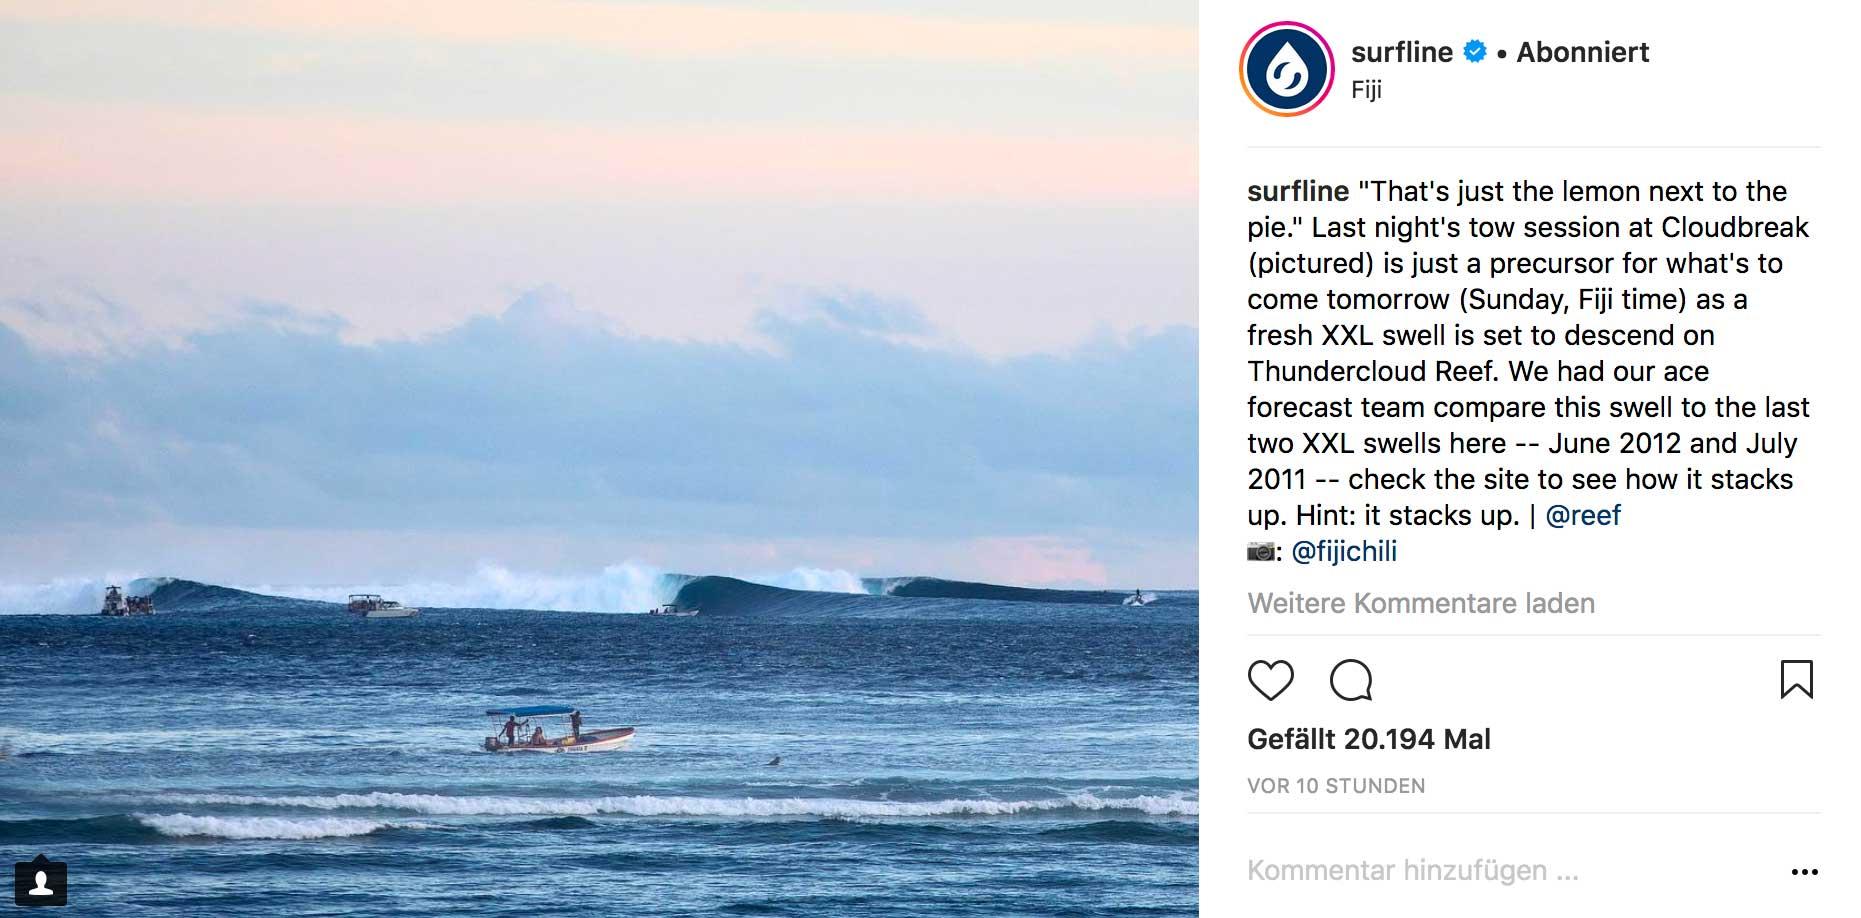 Das Foto wurde am Freitag in Cloudbreak geschossen. Im Vergleich zu Sonntag dürften die Wellen recht klein sein.